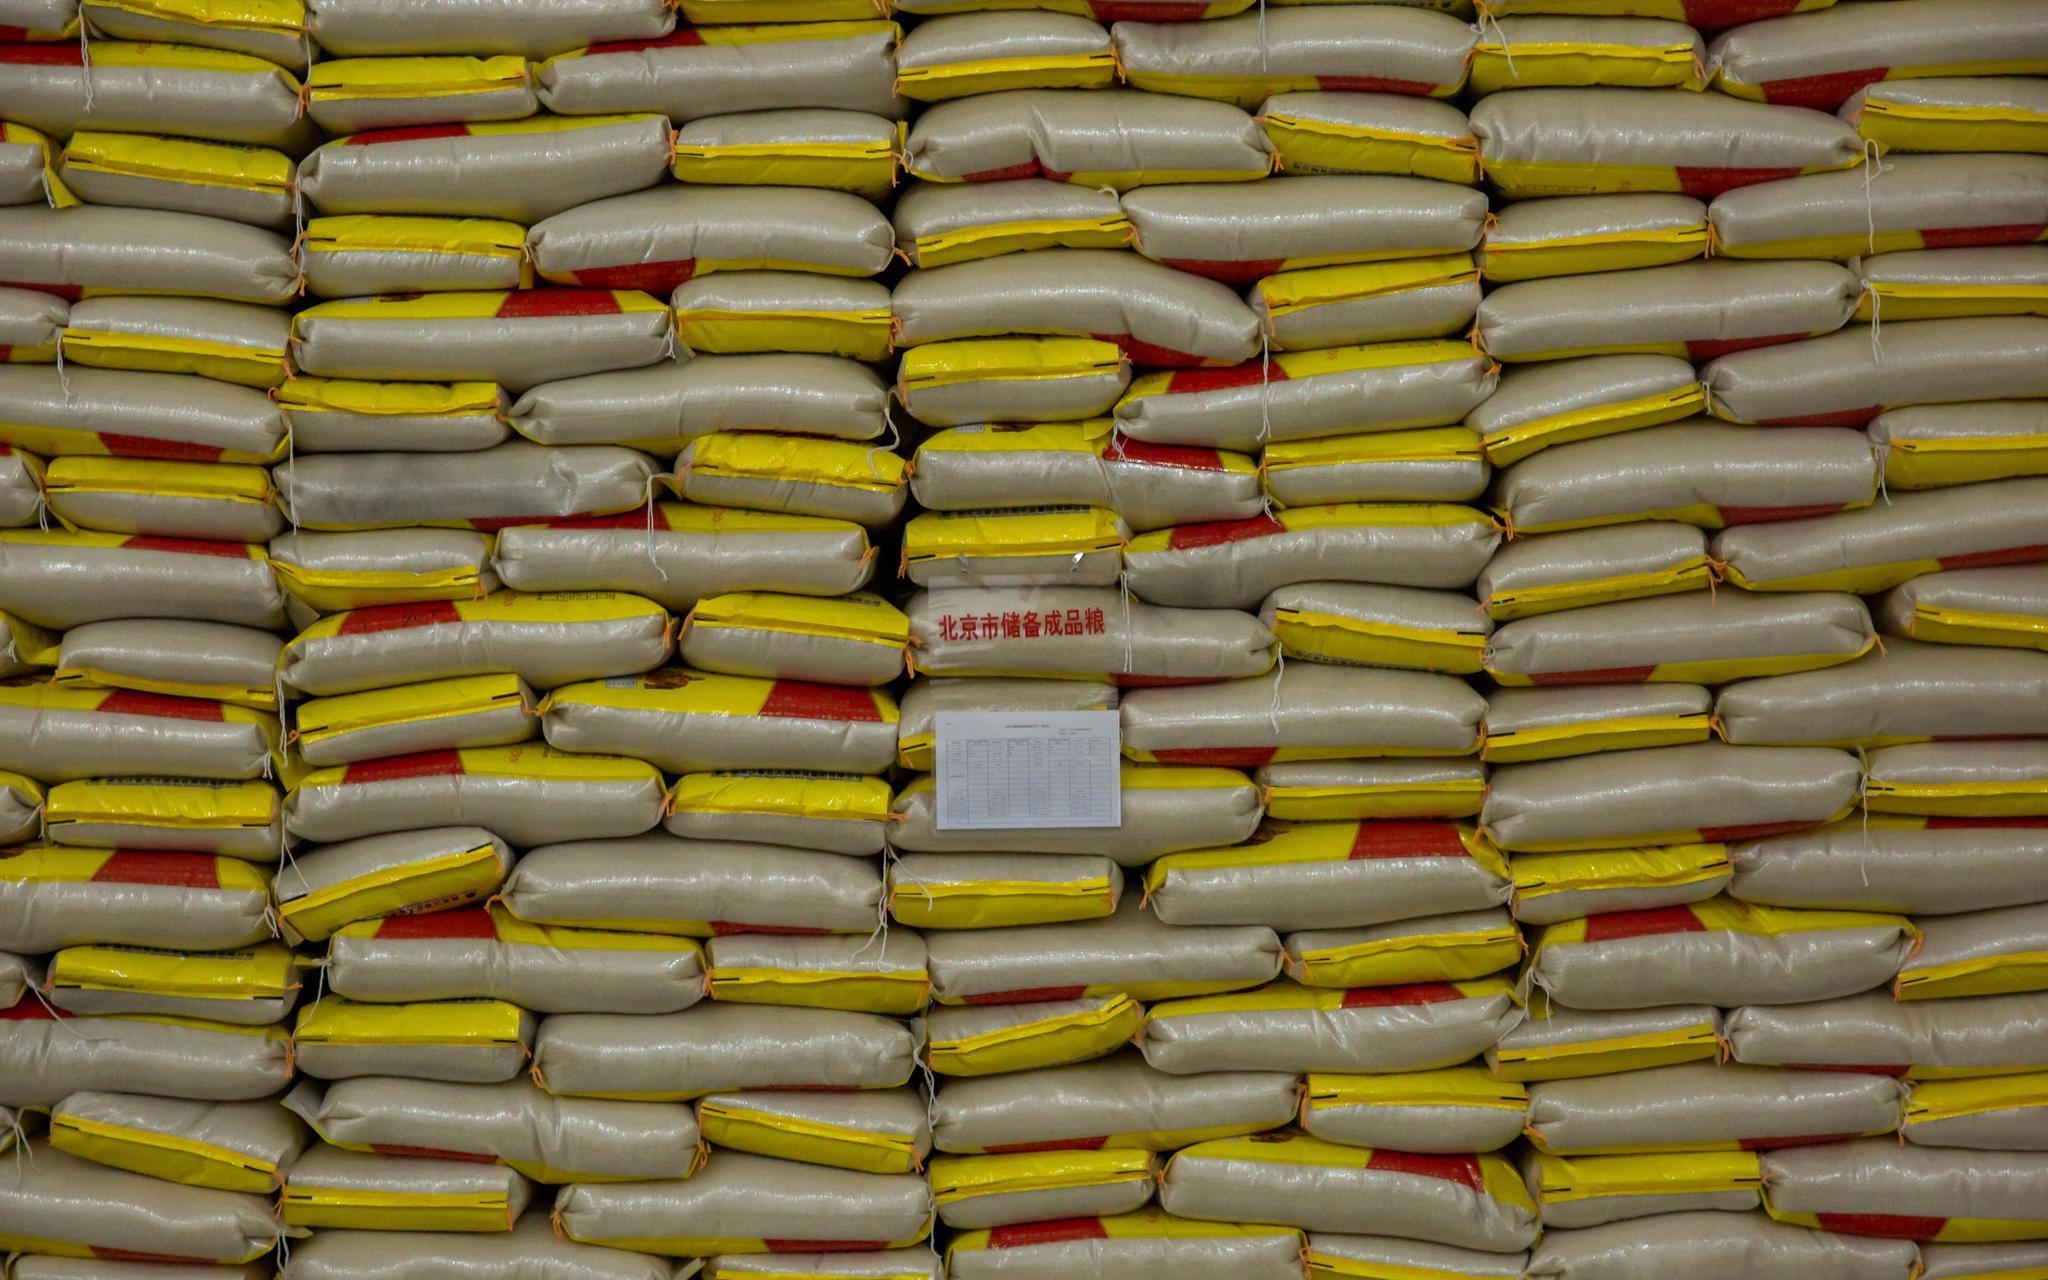 2月14日,北京市张辛粮食储备有限公司,储备粮仓库里的大米。 摄影/新京报记者 李凯祥